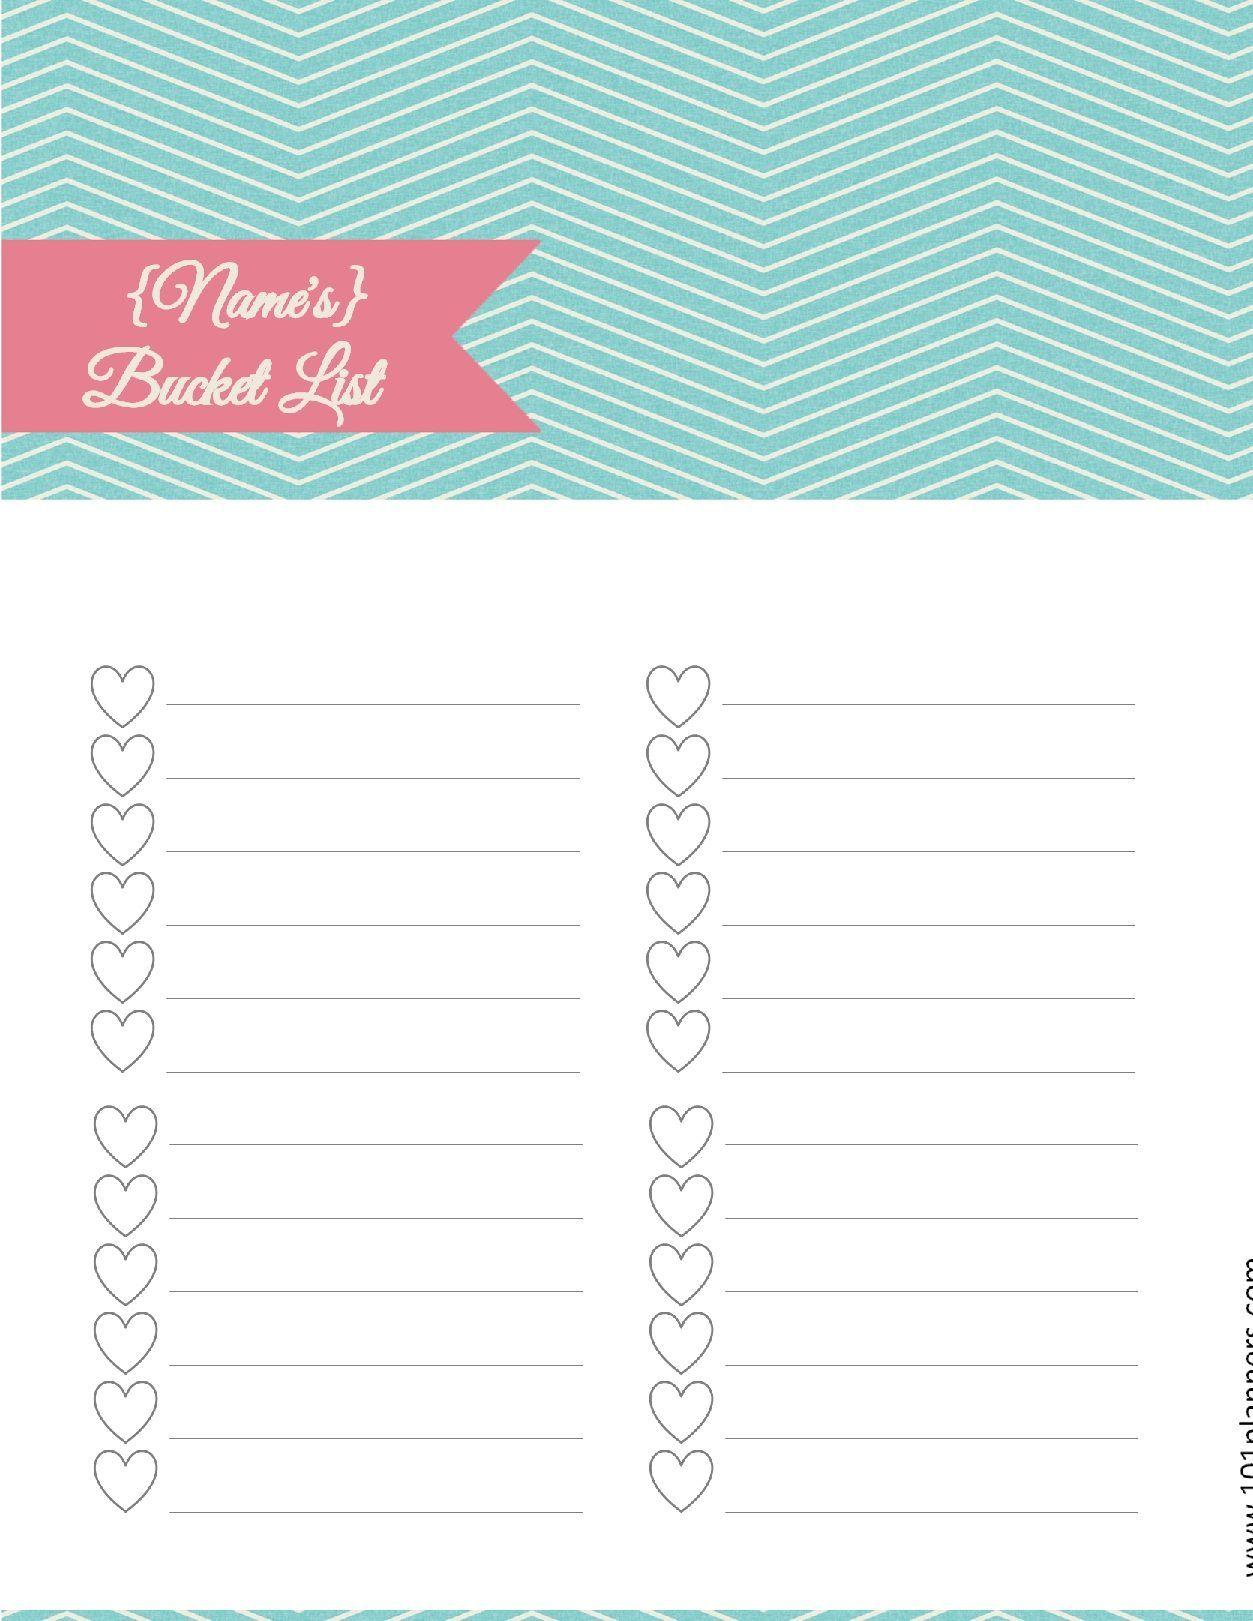 Free Bucket List Printable   bucket list   List maker, Checklist